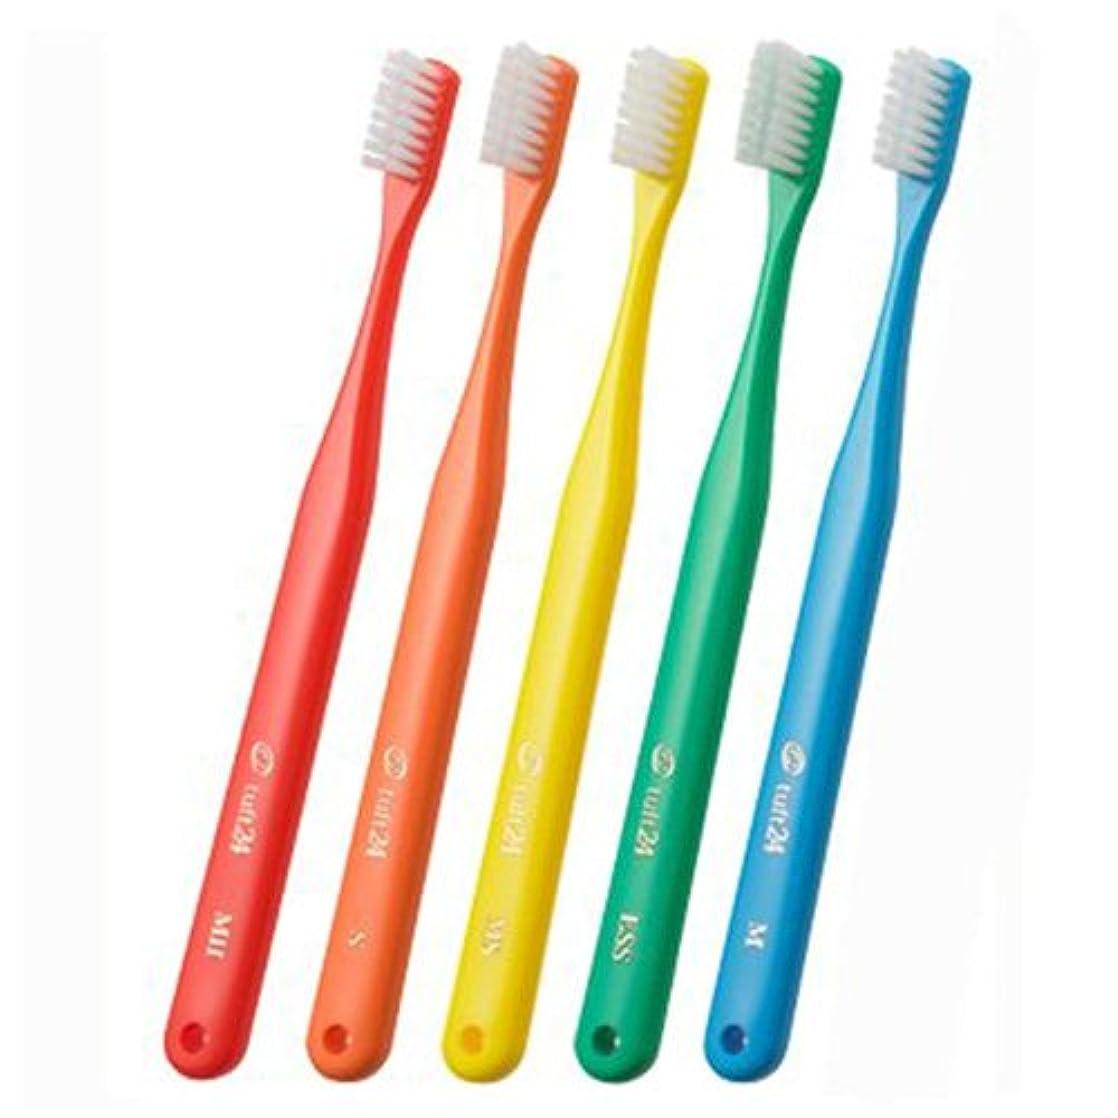 オーラルケア タフト24  一般成人用 3列歯ブラシ 10本セット S(ソフト) オレンジ